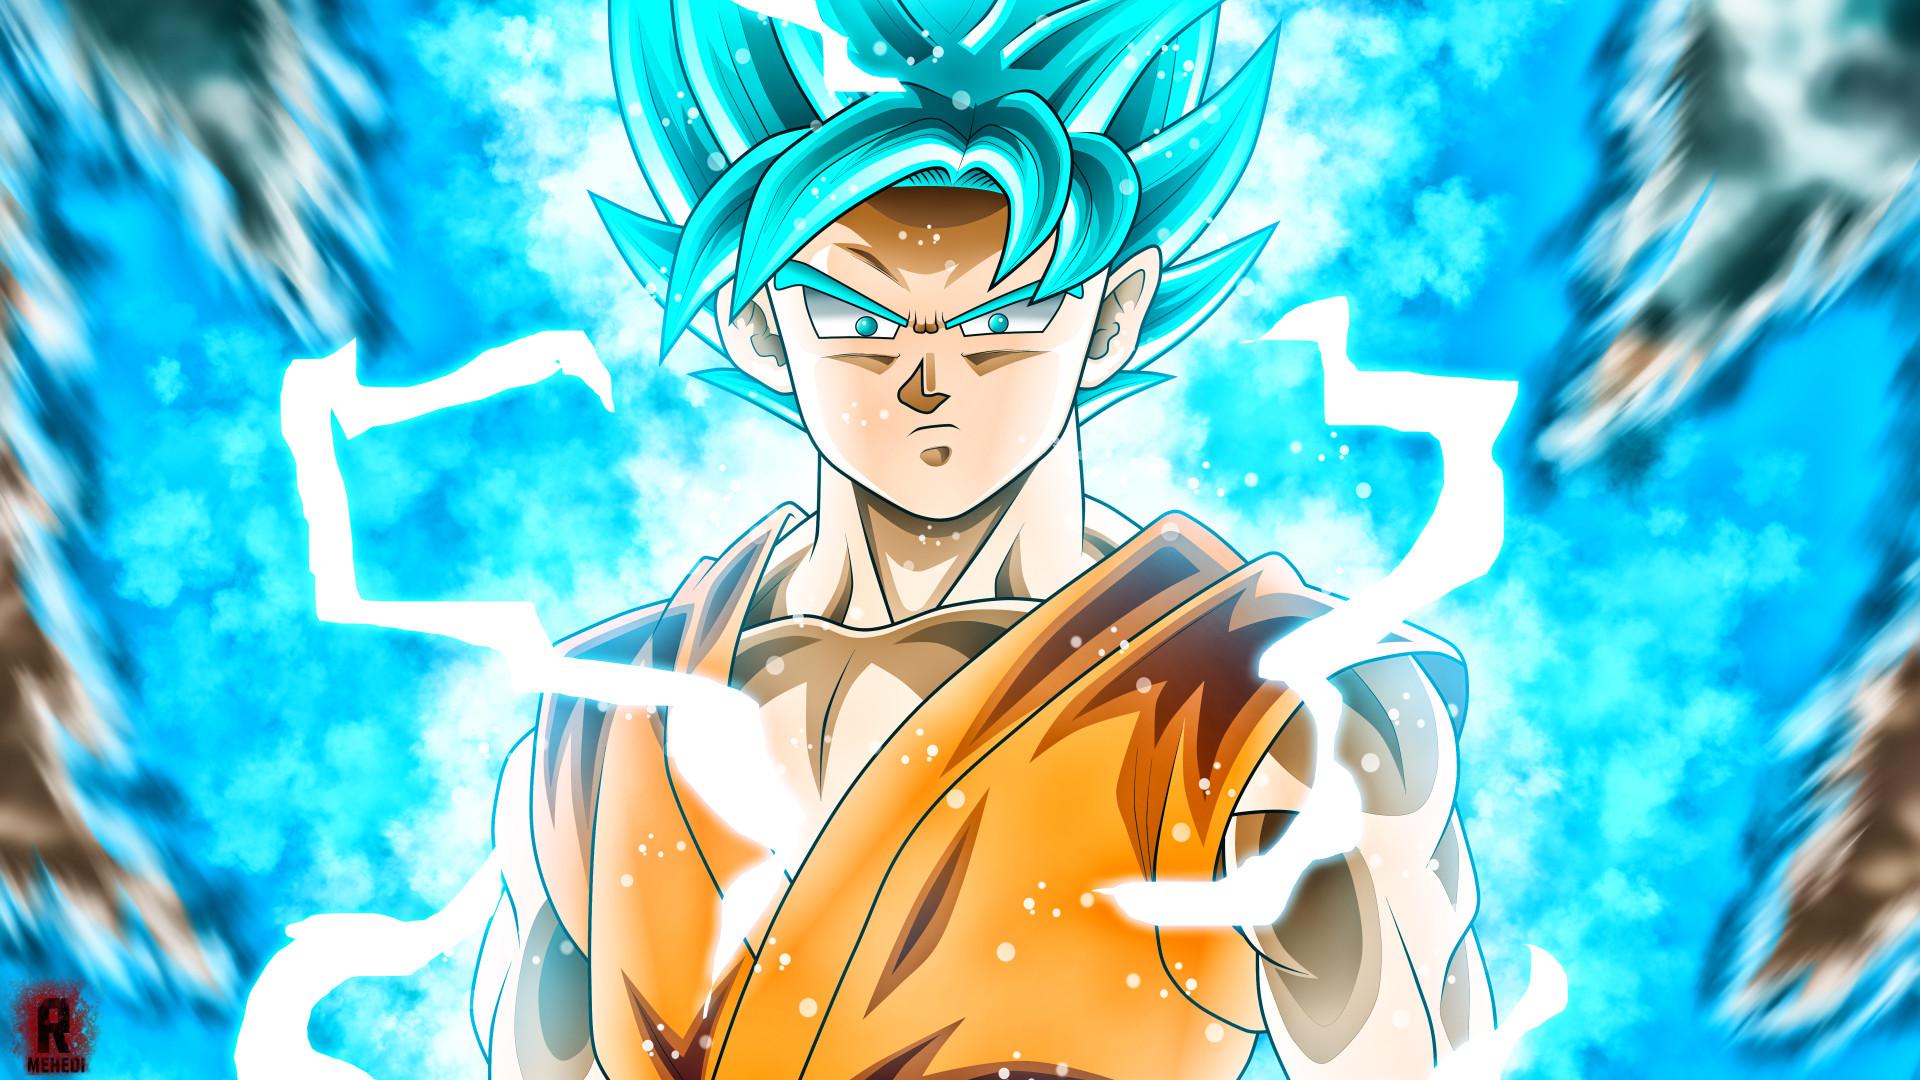 Super Saiyan God HD Wallpaper. Goku Super Saiyan God Wallpaper HD